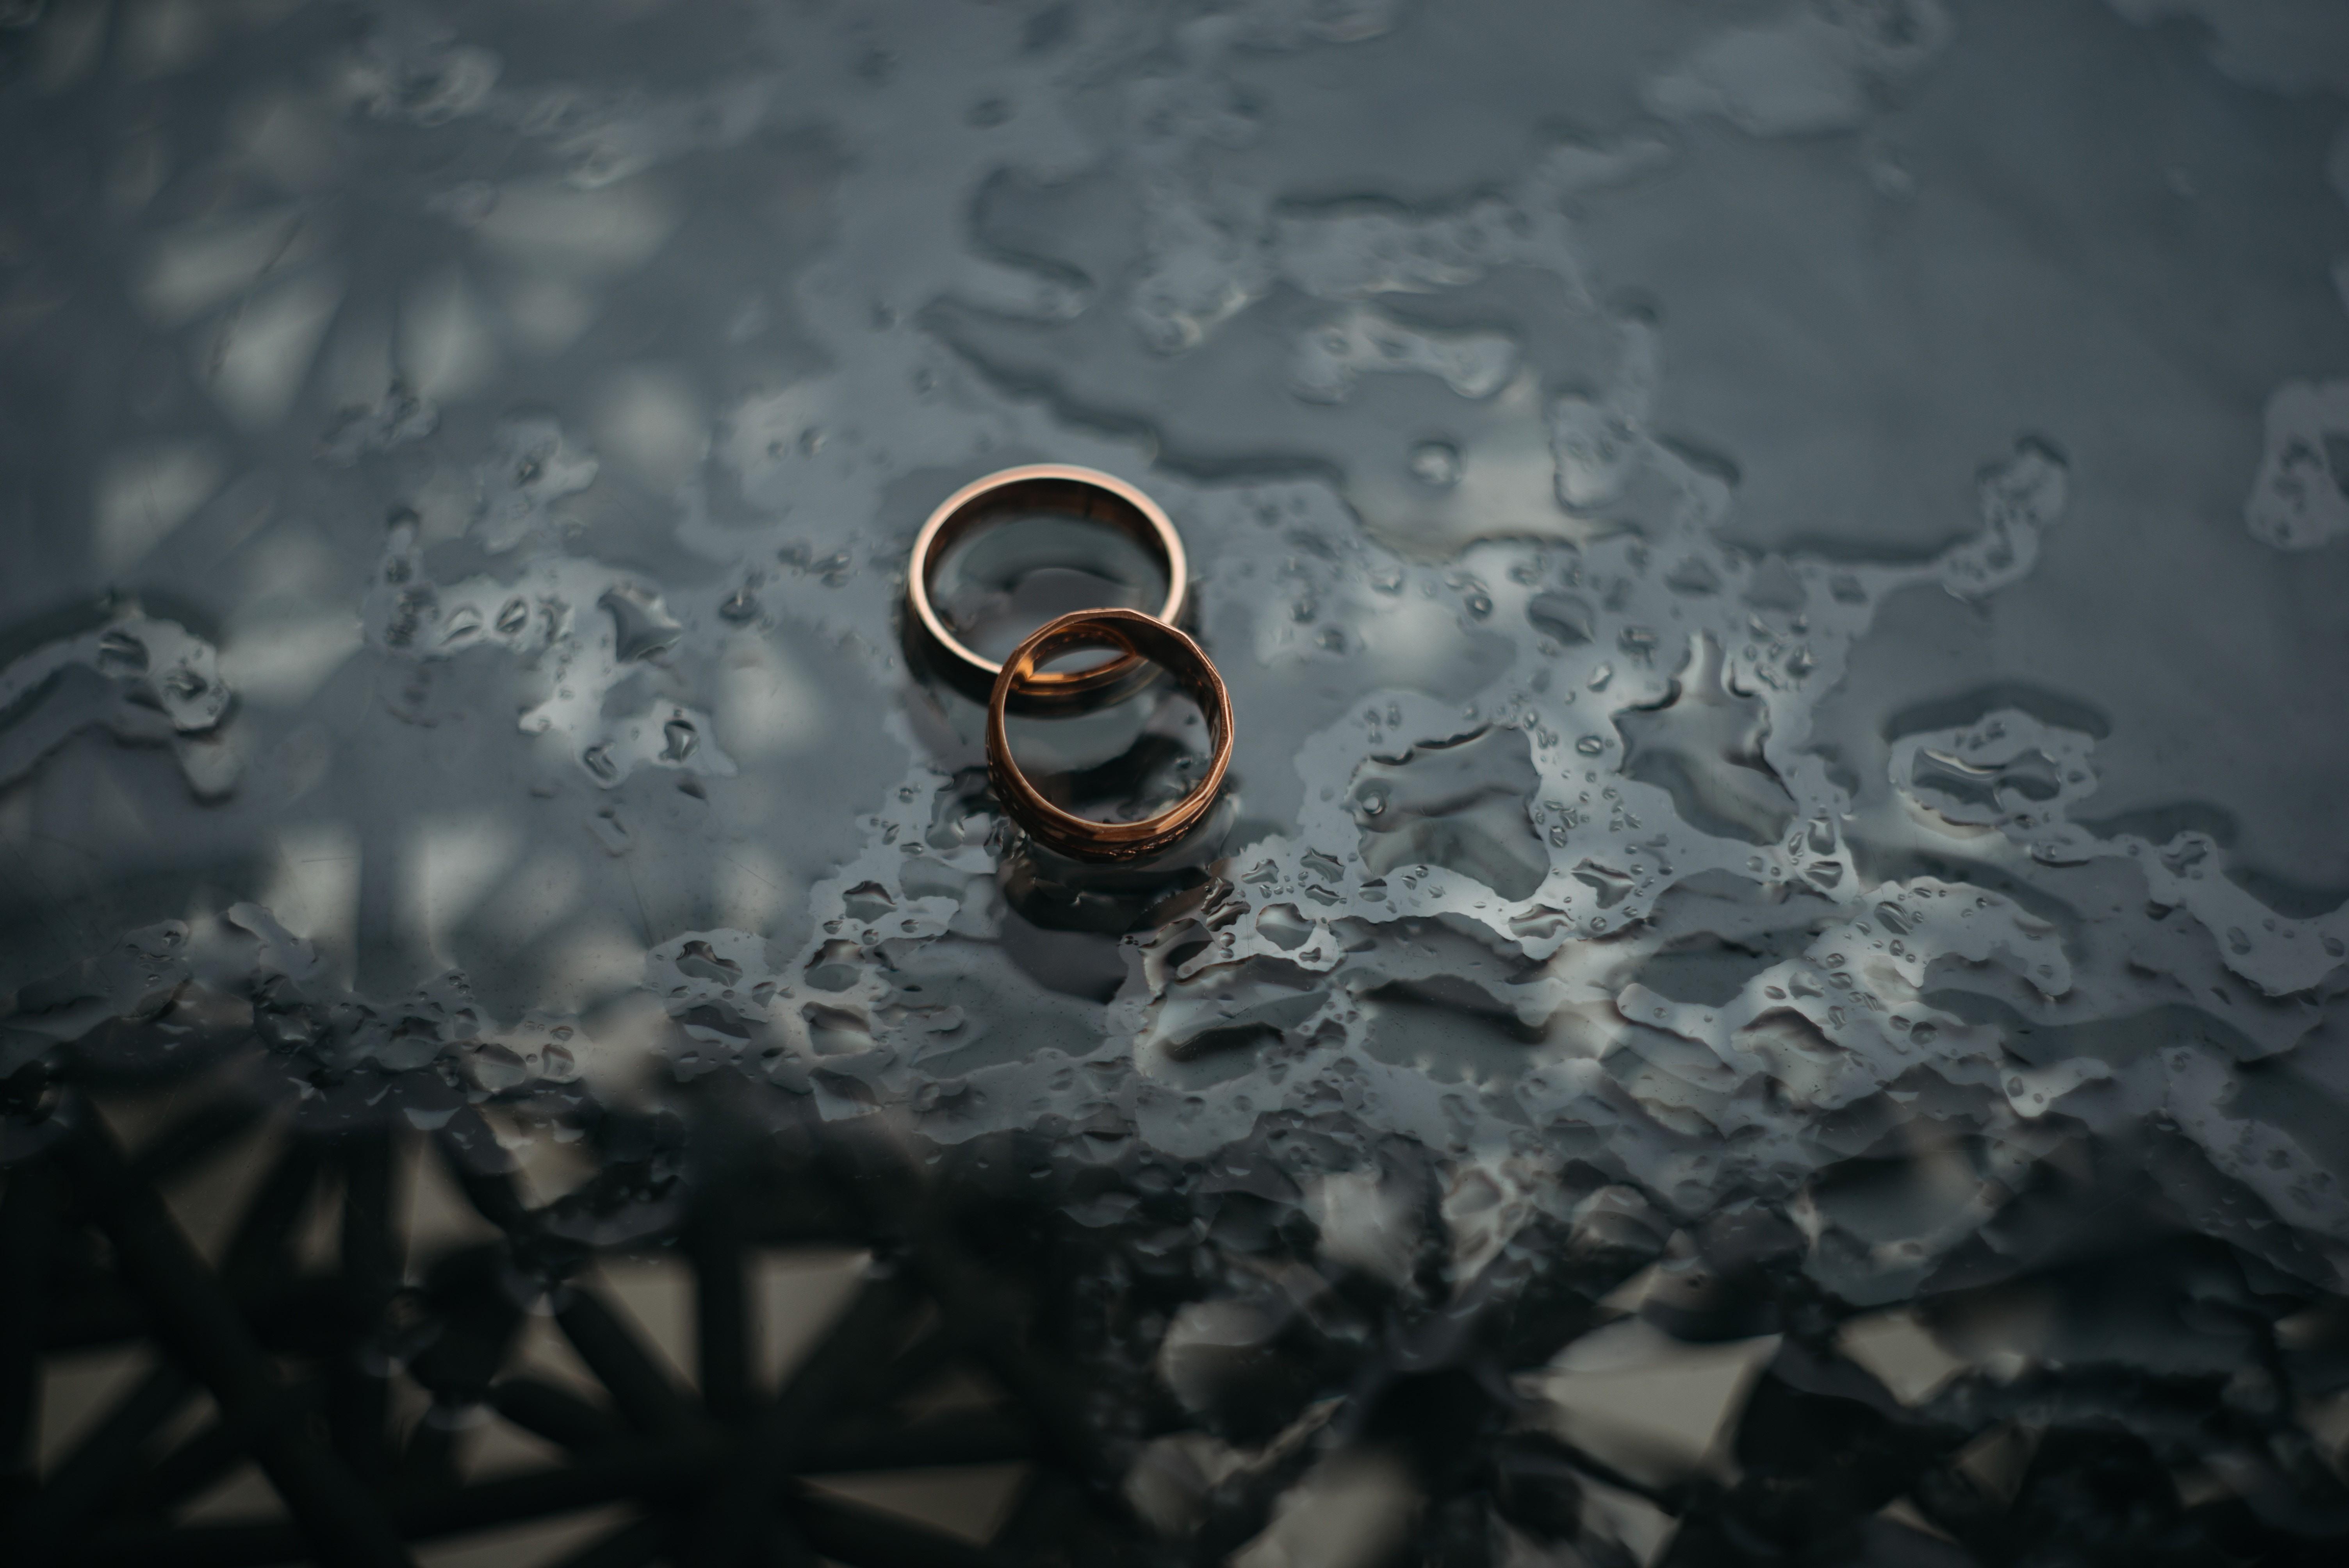 ▲離婚,婚姻,分手 。(示意圖/取自免費圖庫Unsplash)